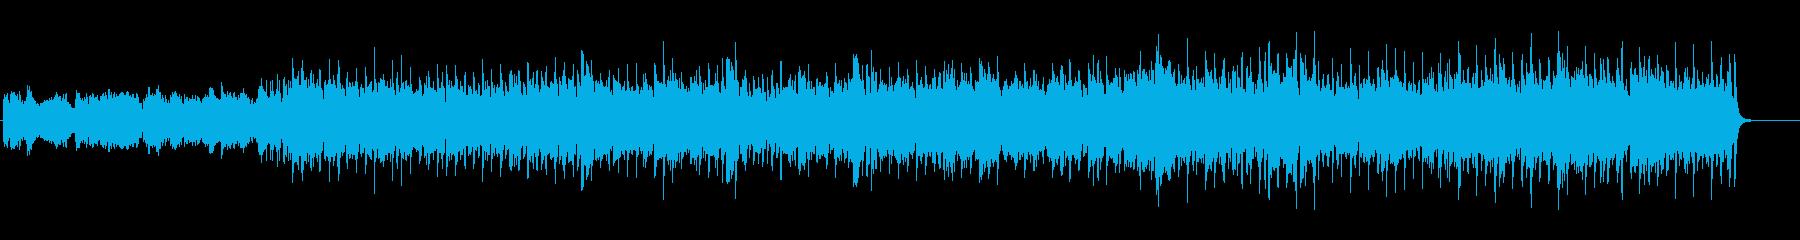 4つ打ちピコピコかっこいいBGMの再生済みの波形